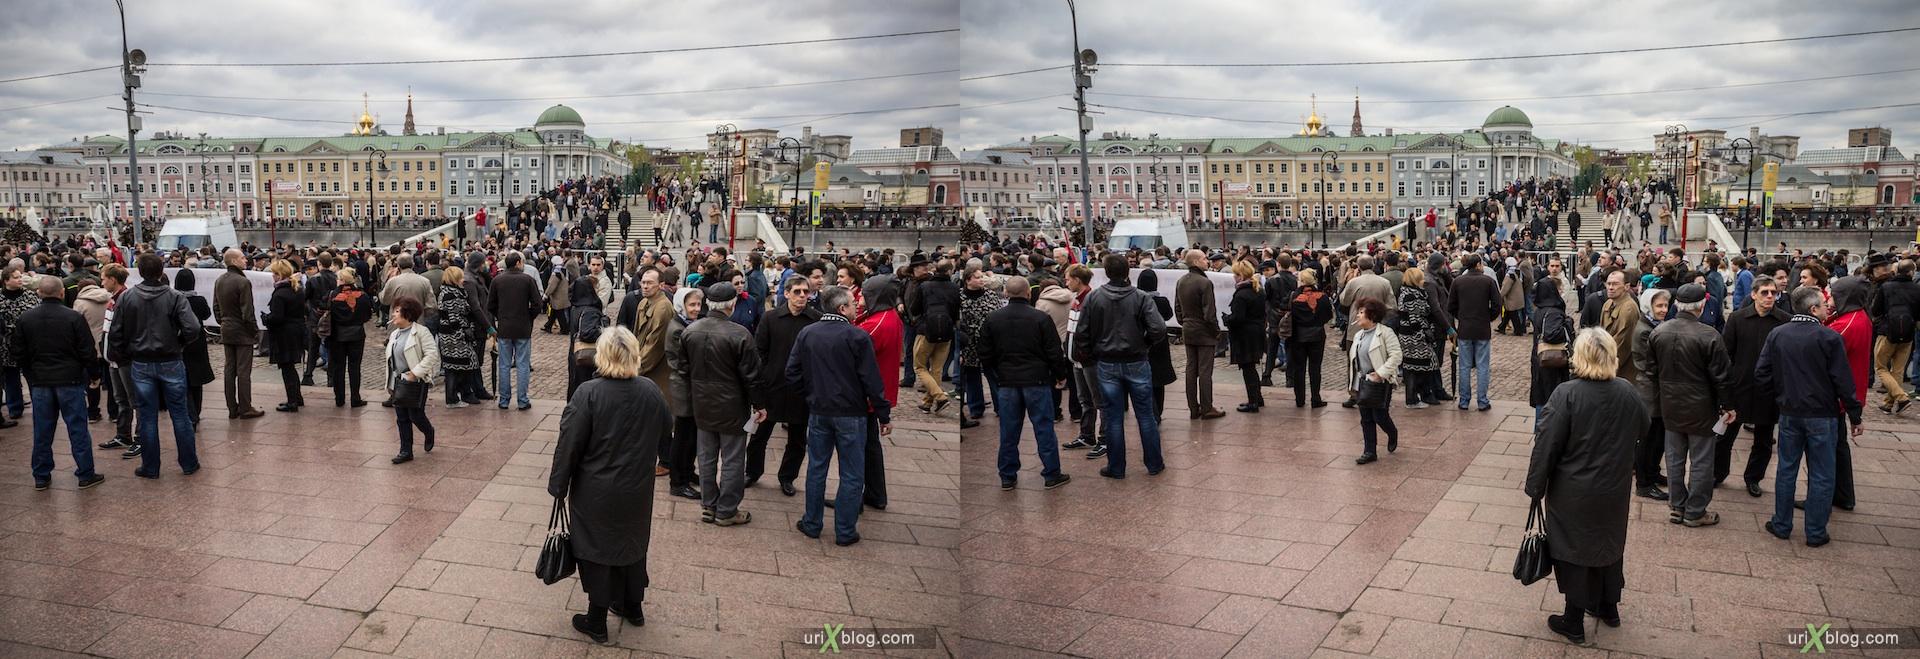 2013, Митинг, Политика, Путин, Навальный, Политические заключённые, Болотная площадь, Москва, Россия, 3D, перекрёстные стереопары, стерео, стереопара, стереопары